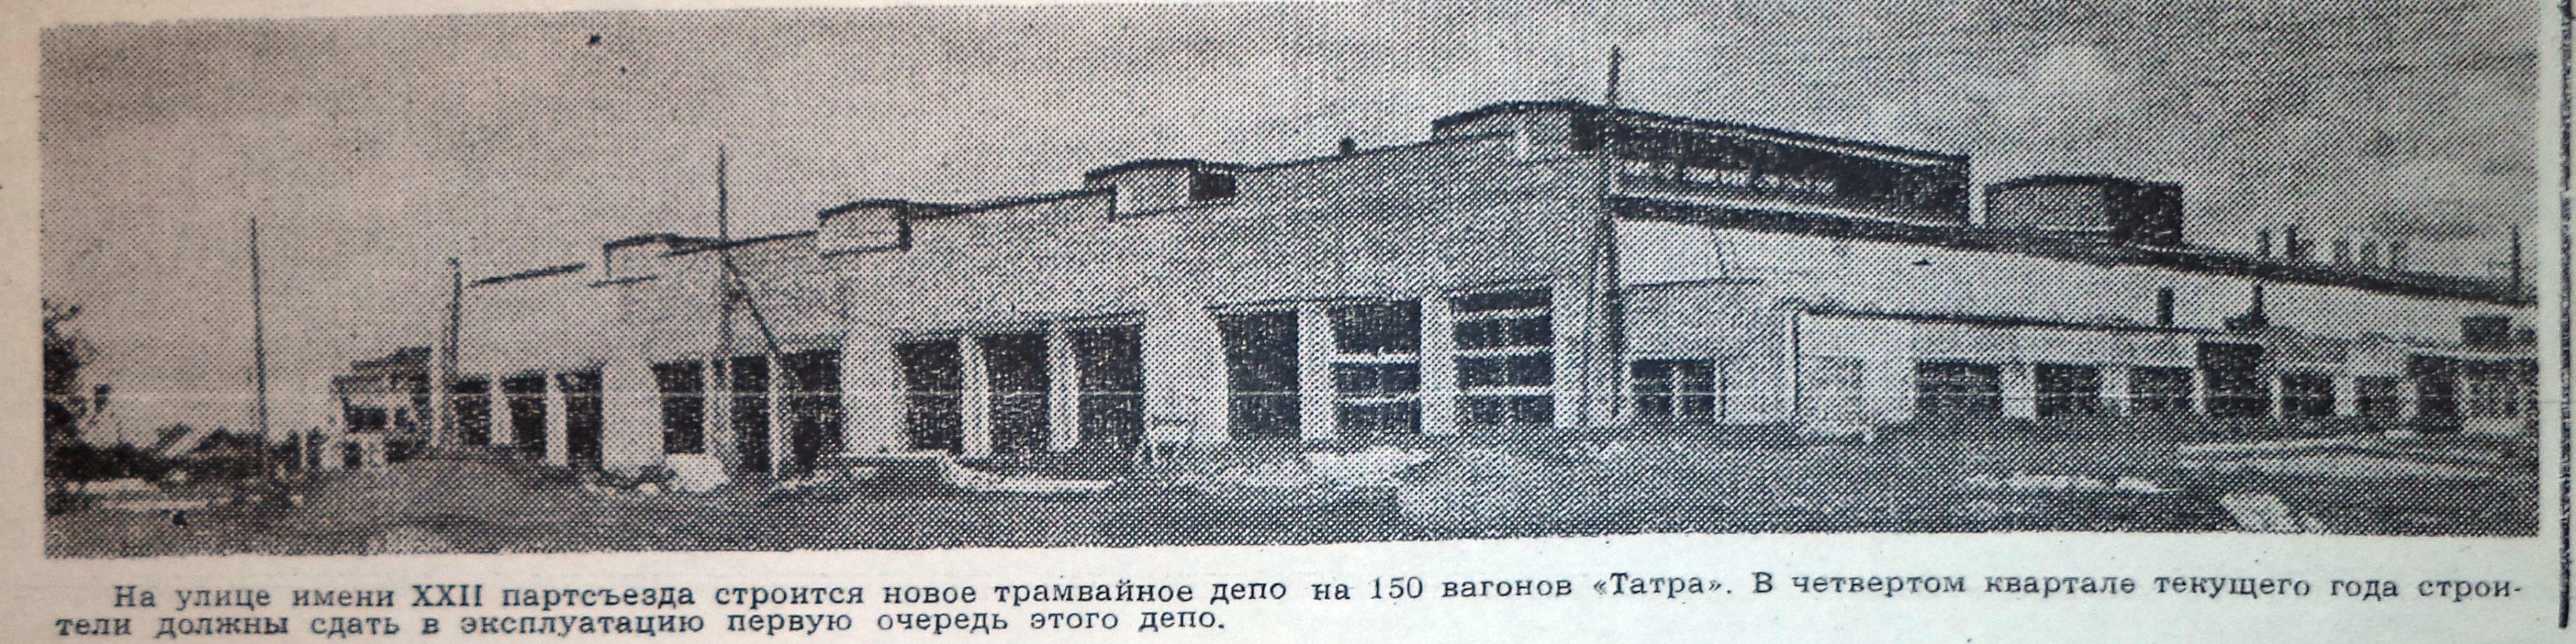 Фадеева-ФОТО-10-ЗРР-1968-07-05-фото стр-ва СТД-min